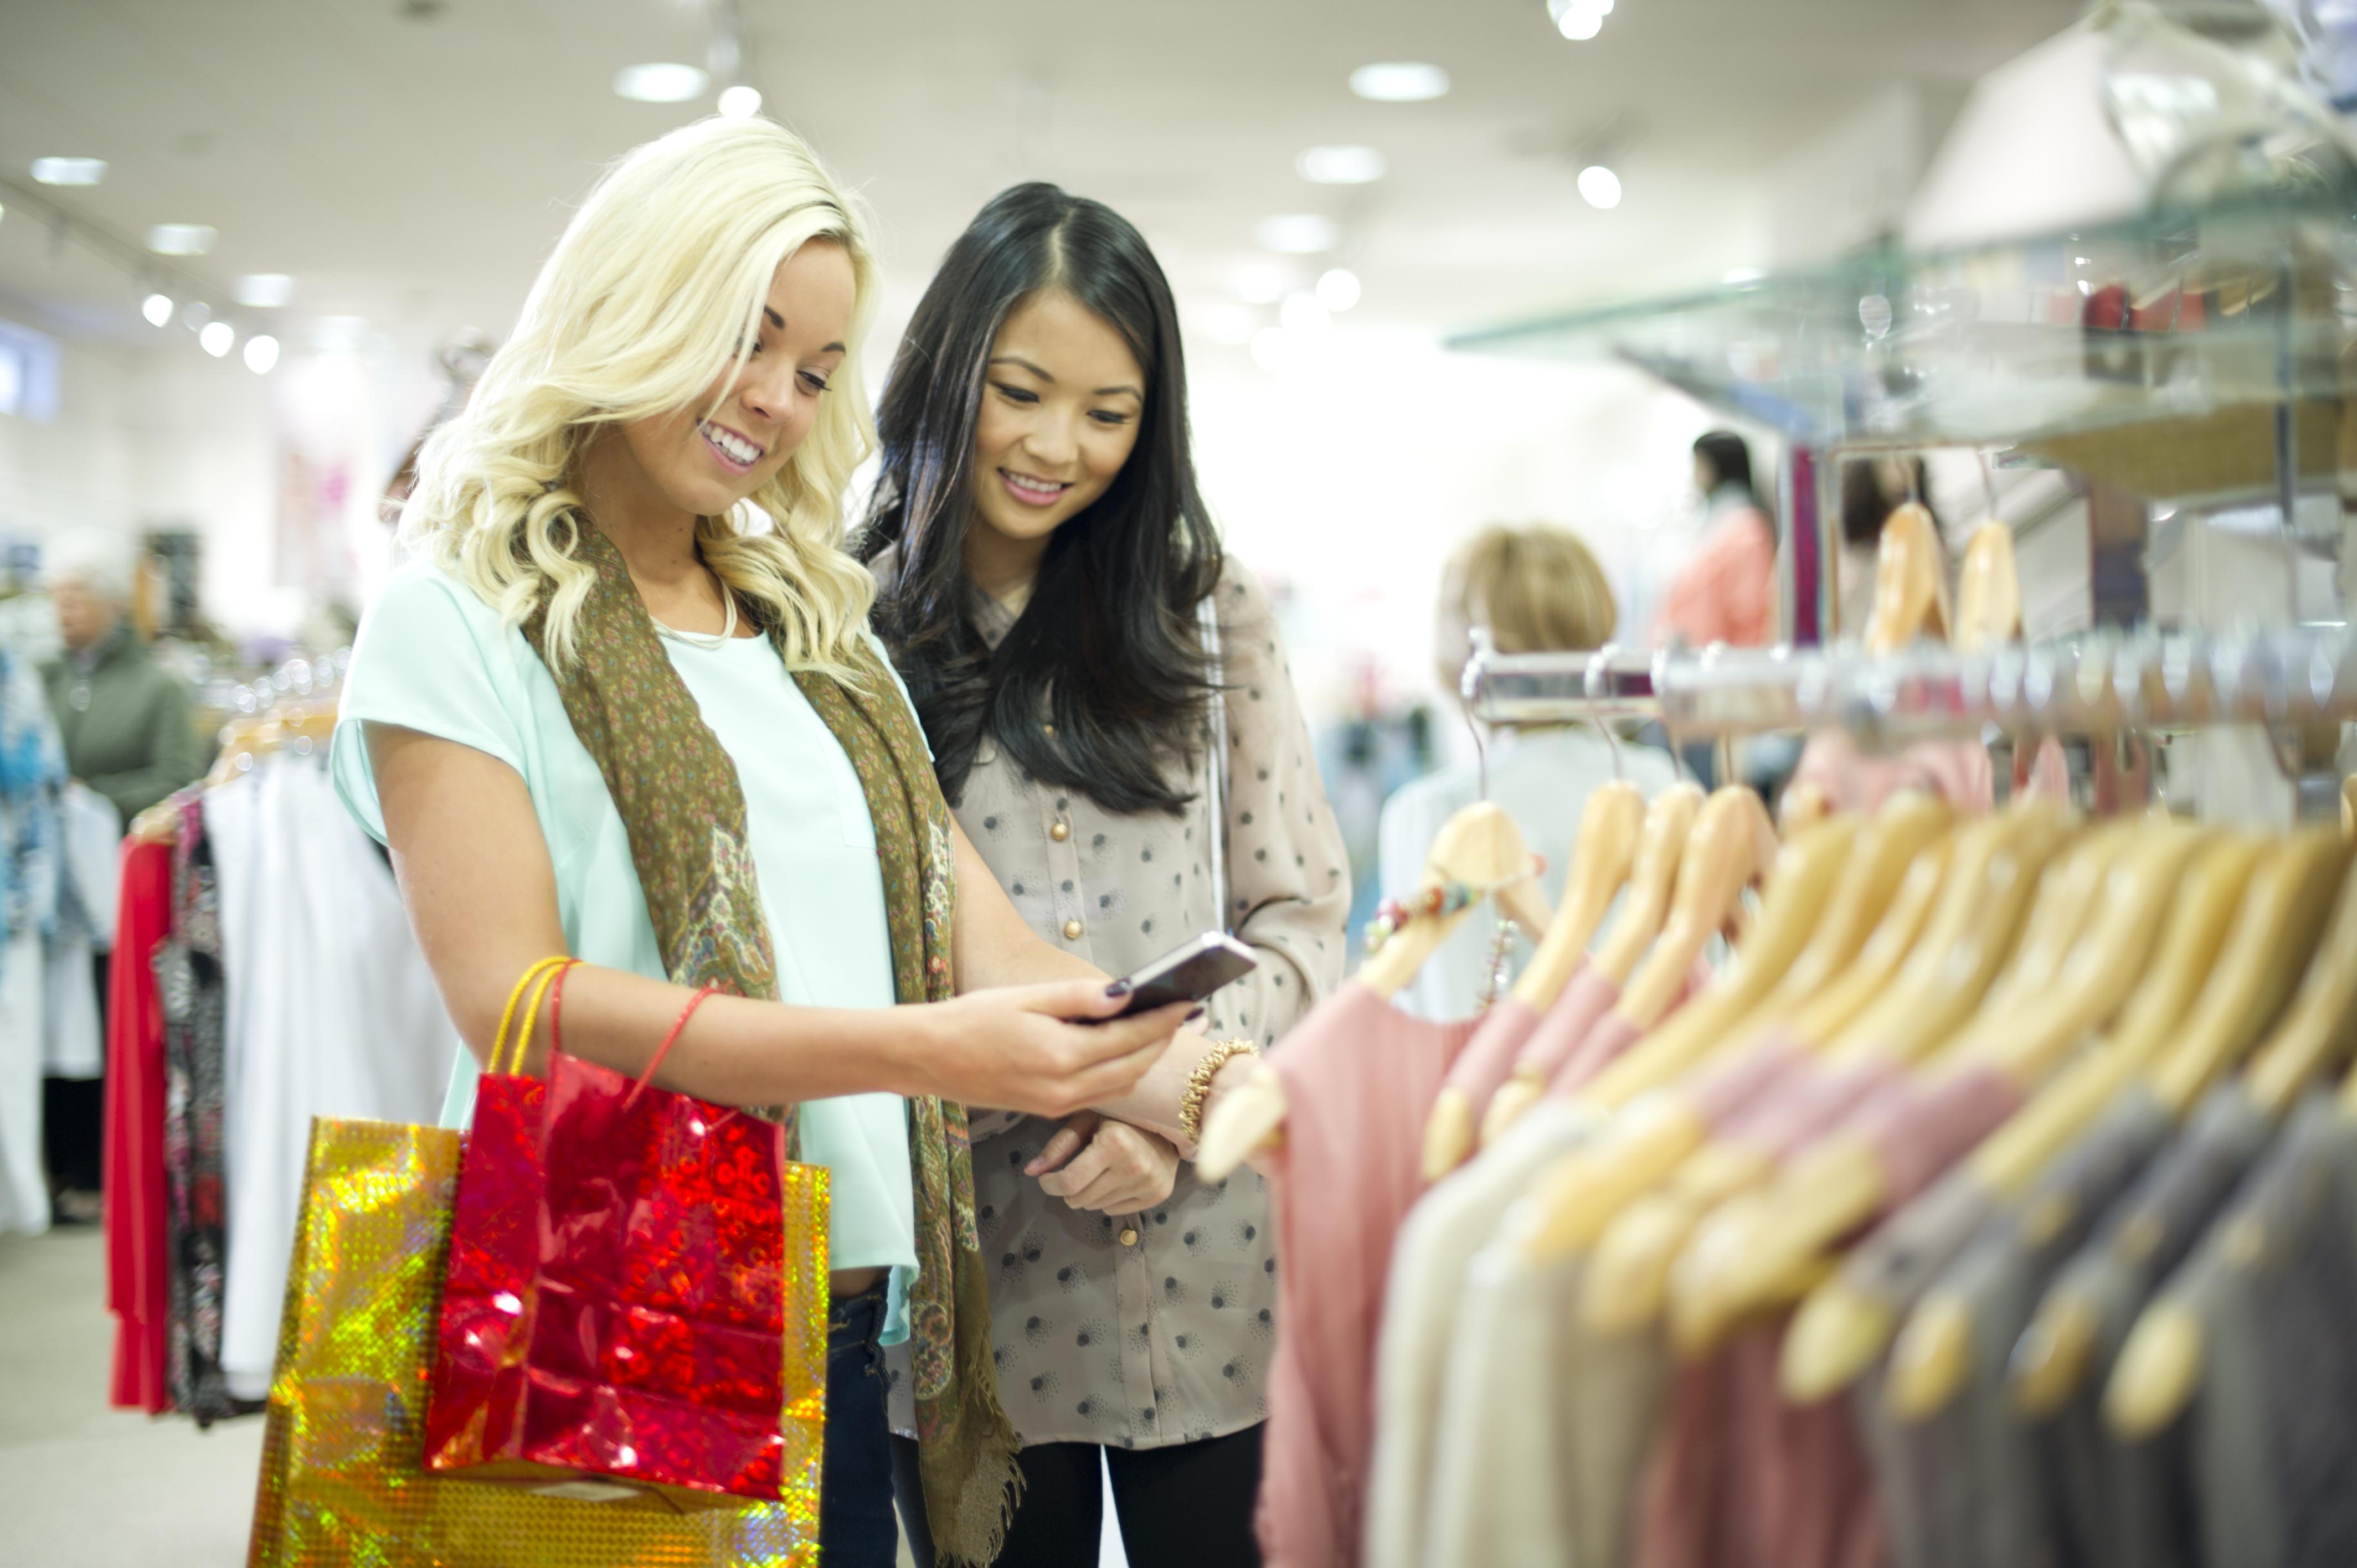 iStock retail